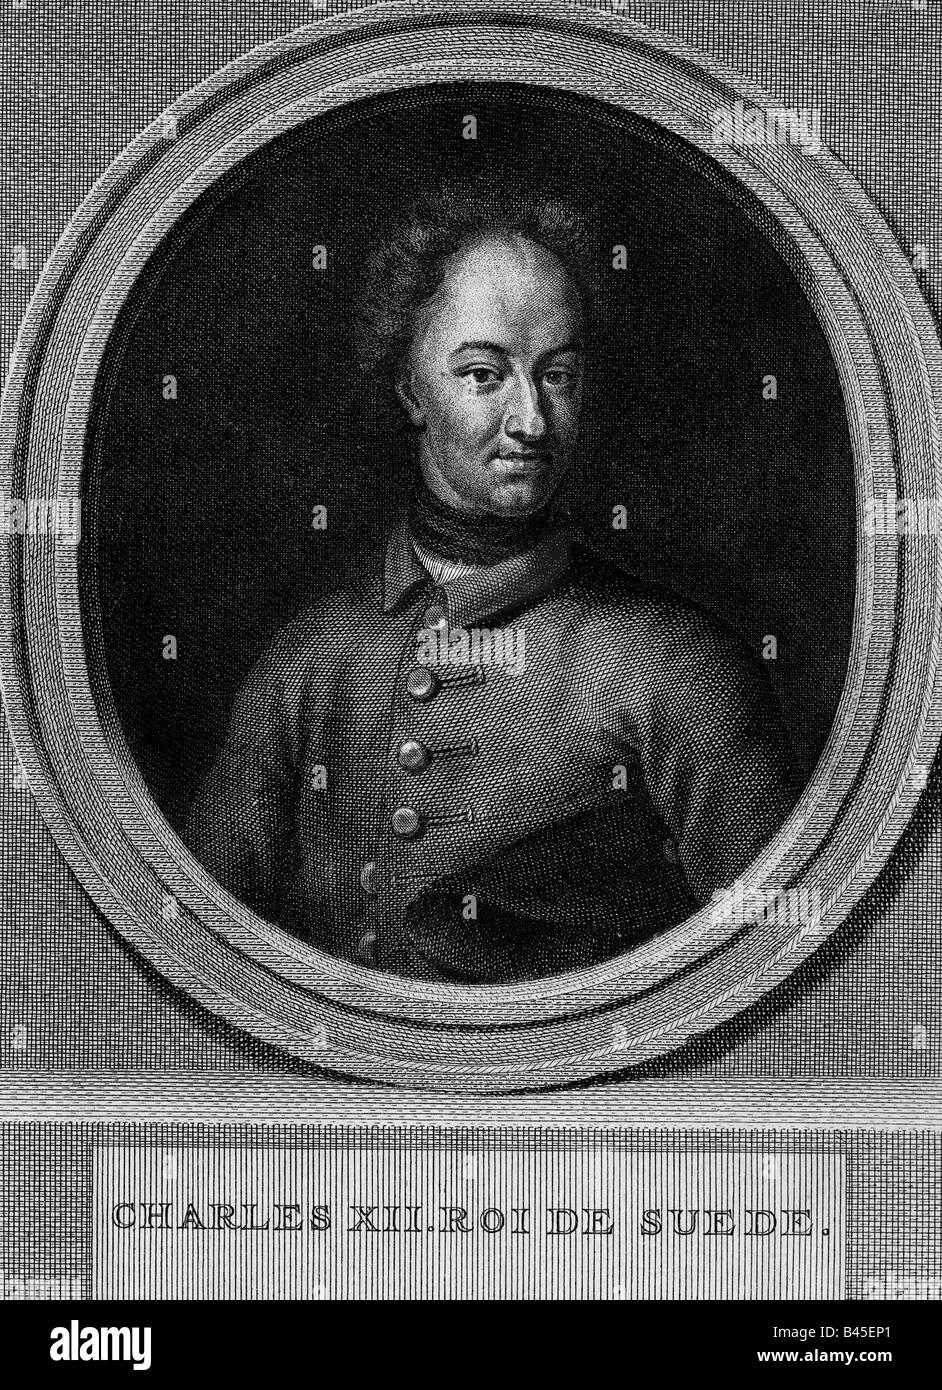 Karl XII., 27.6.1682 - 11.12. 1718, König von Schweden 15.4.1697 - 11.12.1718, Porträt, Gravur 1739 durch Stockbild